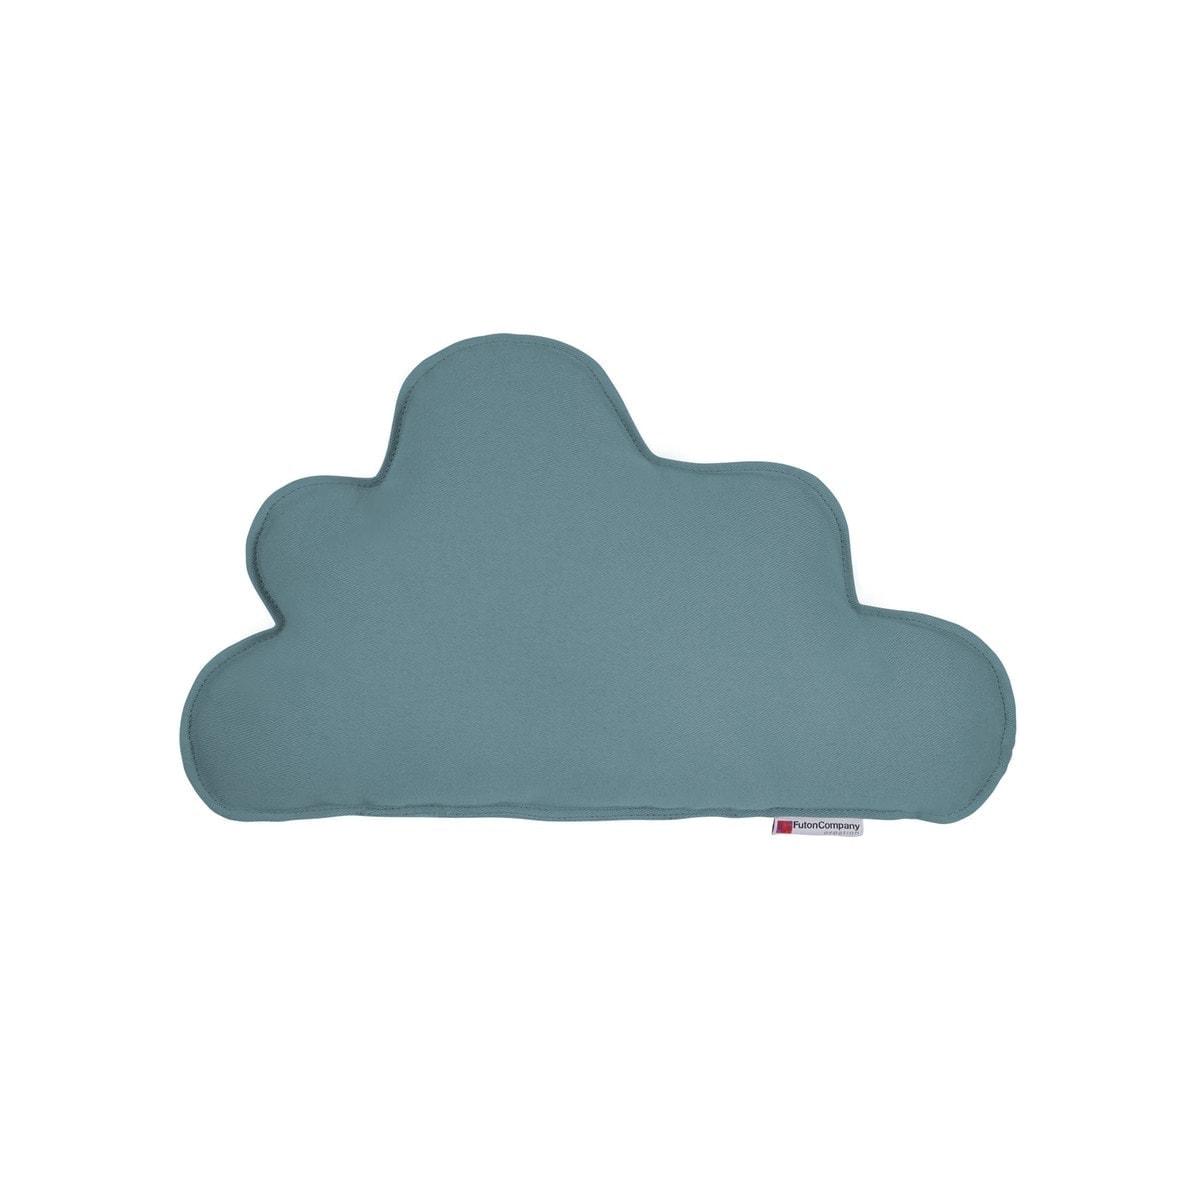 Almofada-Nuvem-Sharp-M-Tecido-Sarja-Horizonte-01